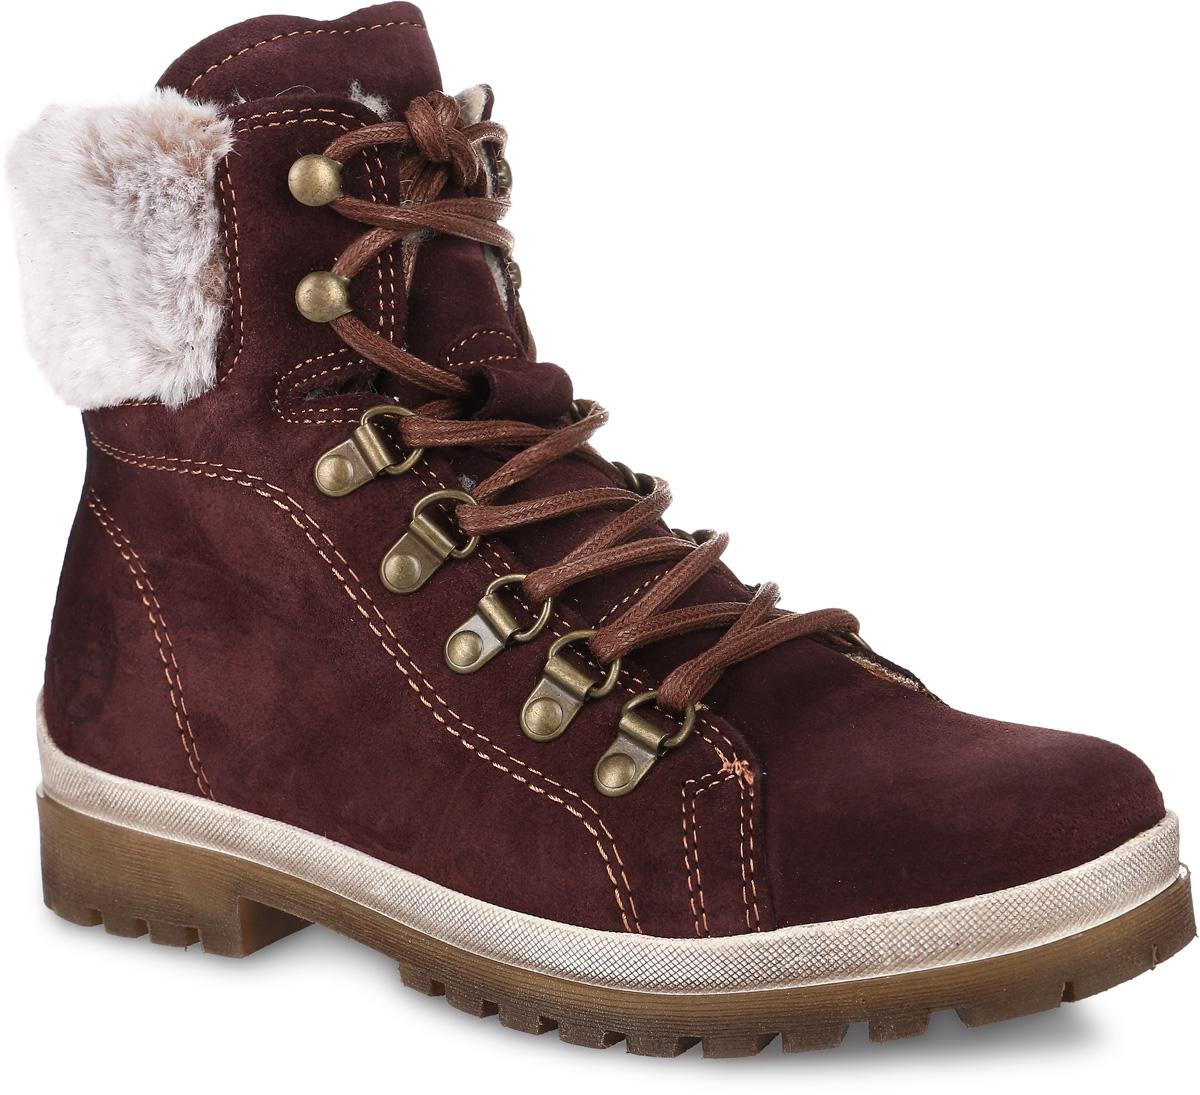 1-26239-27-549Стильные ботинки Tamaris, выполненные из натуральной замши, придутся вам по душе. Задник оформлен тиснением в виде логотипа бренда, верх голенища декорирован меховой полоской, имеется ярлычок для облегчения процесса надевания, шнурки, продетые через металлические петли, надежно зафиксируют изделие на ноге. Внутренняя поверхность и стелька из натуральной шерсти отлично сохранят тепло, обеспечат комфорт и уют вашим ногам. Подошва из прочного материала гарантирует длительную носку и сцепление с любой поверхностью. Модные ботинки сделают вас ярче и подчеркнут индивидуальность.